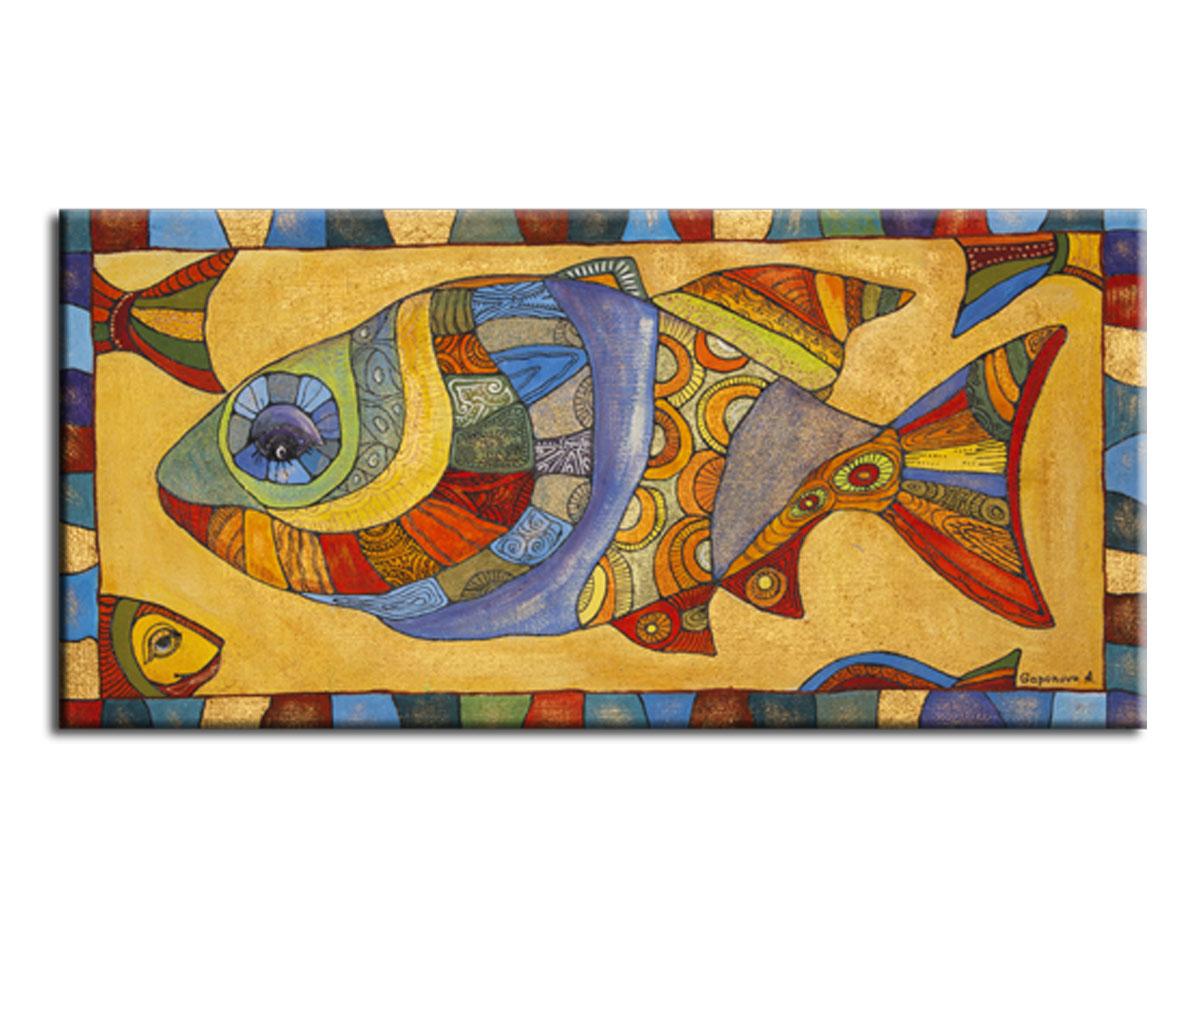 Картина Орнаментальная рыбкаКартины<br>Авторская копия картины художницы Анны Гапоновой с декоративной фактурной обработкой&amp;lt;div&amp;gt;&amp;lt;br&amp;gt;&amp;lt;/div&amp;gt;&amp;lt;div&amp;gt;Материал: натуральный холст, деревянный подрамник, лак,итальянский фактурный гель&amp;lt;br&amp;gt;&amp;lt;/div&amp;gt;<br><br>Material: Холст<br>Width см: 60<br>Depth см: 3<br>Height см: 30